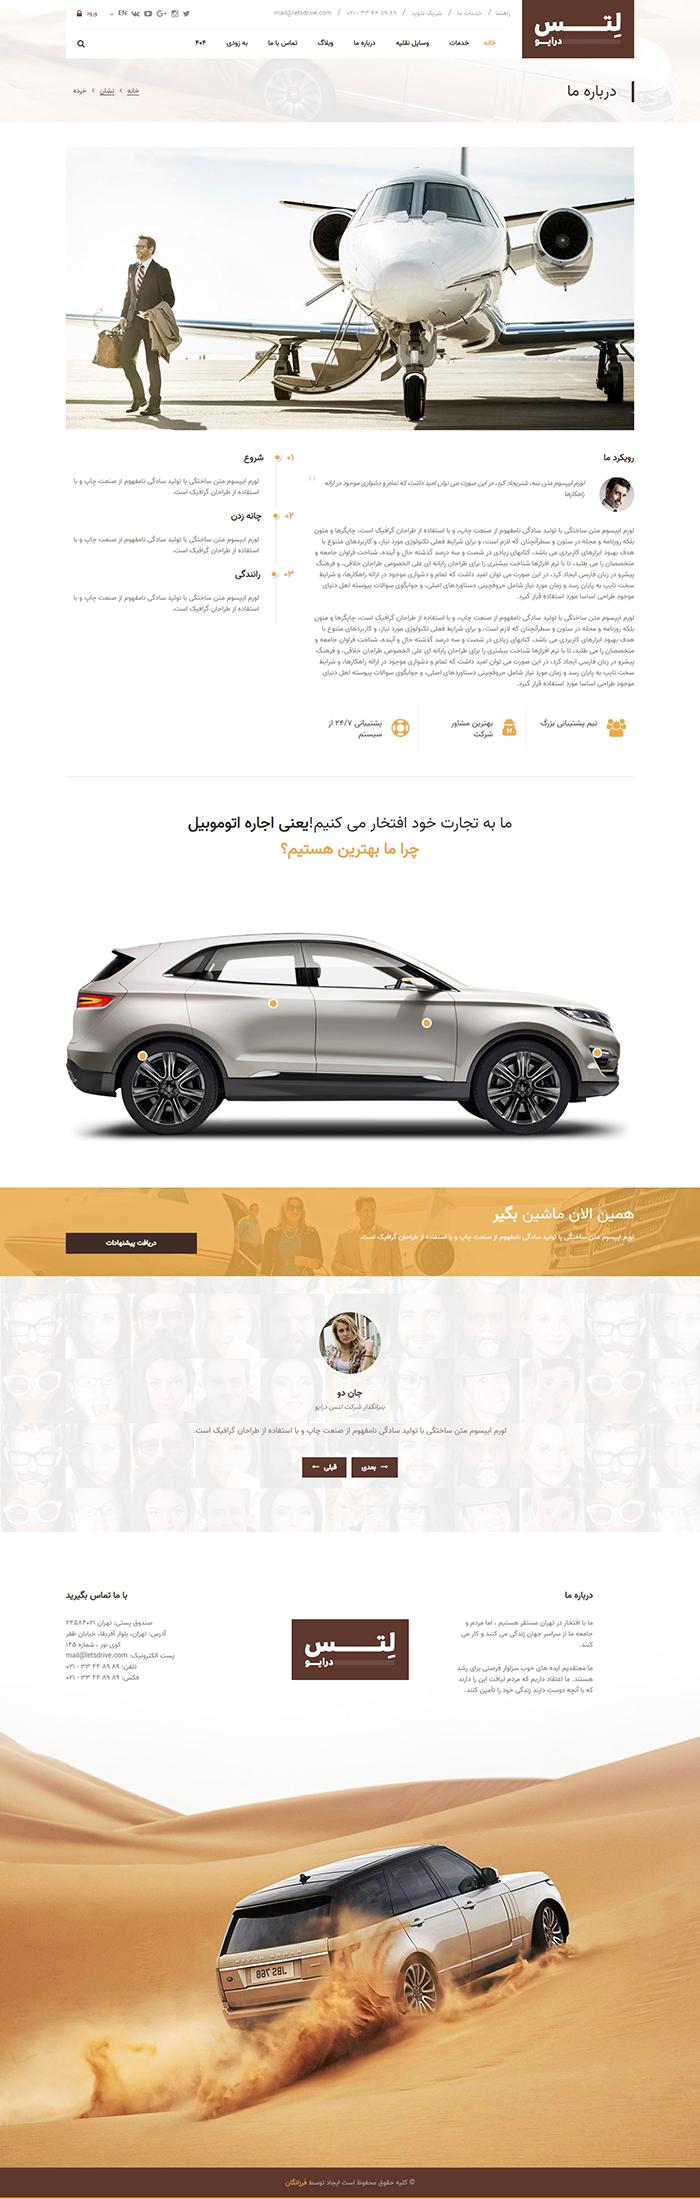 قالب سایت فروش خودرو